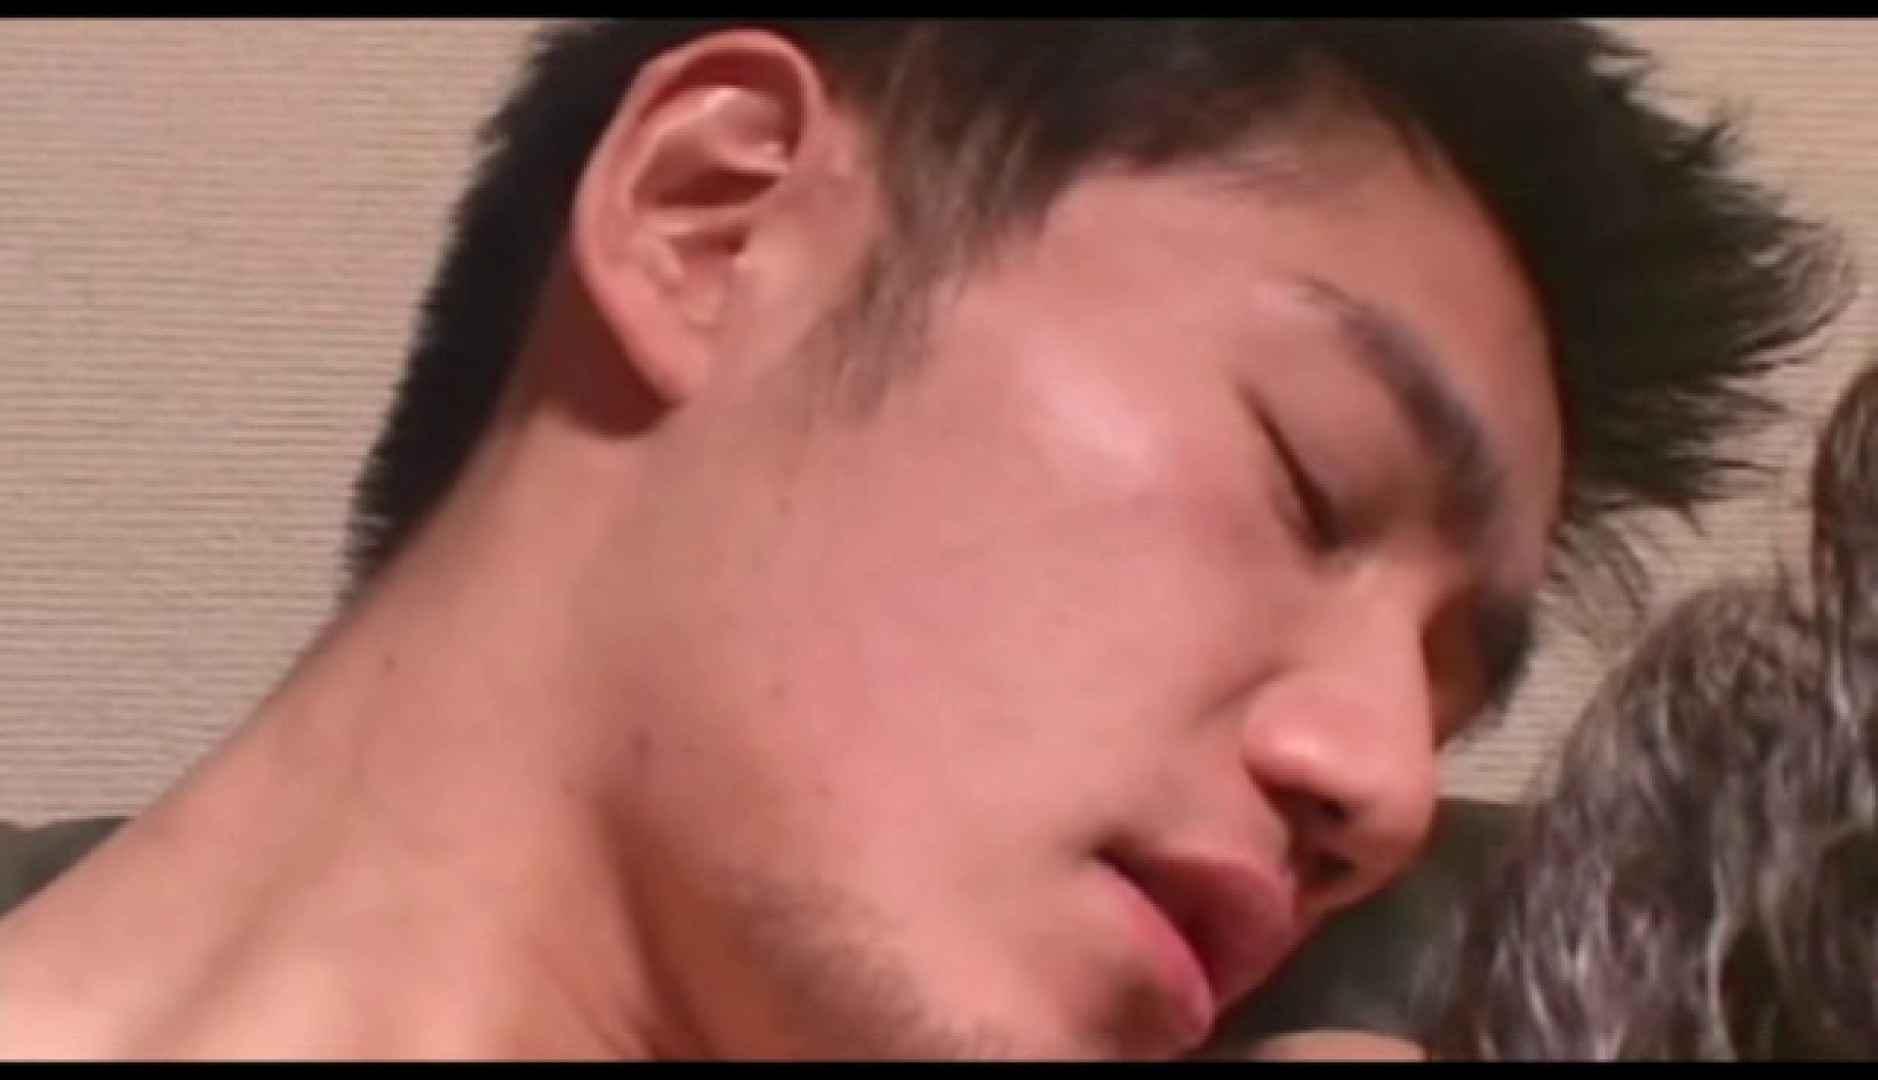 イケメンダブルス!Vol.02 イケメンのセックス   お掃除フェラ  8枚 8